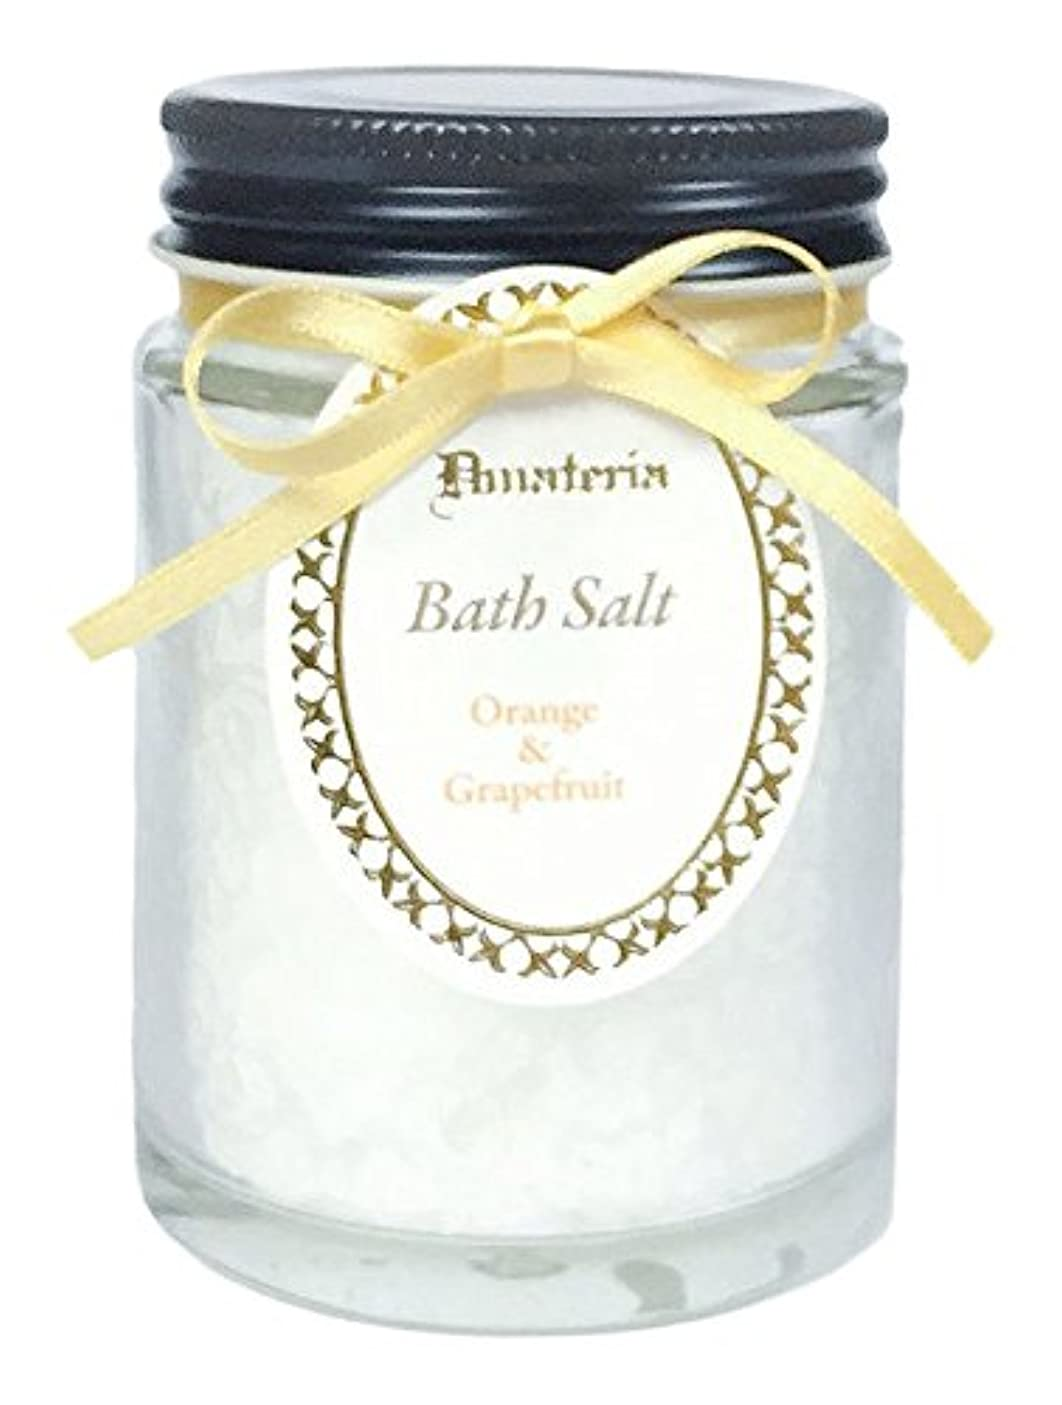 浴室バレル気難しいD materia バスソルト オレンジ&グレープフルーツ Orange&Grapefruit Bath Salt ディーマテリア